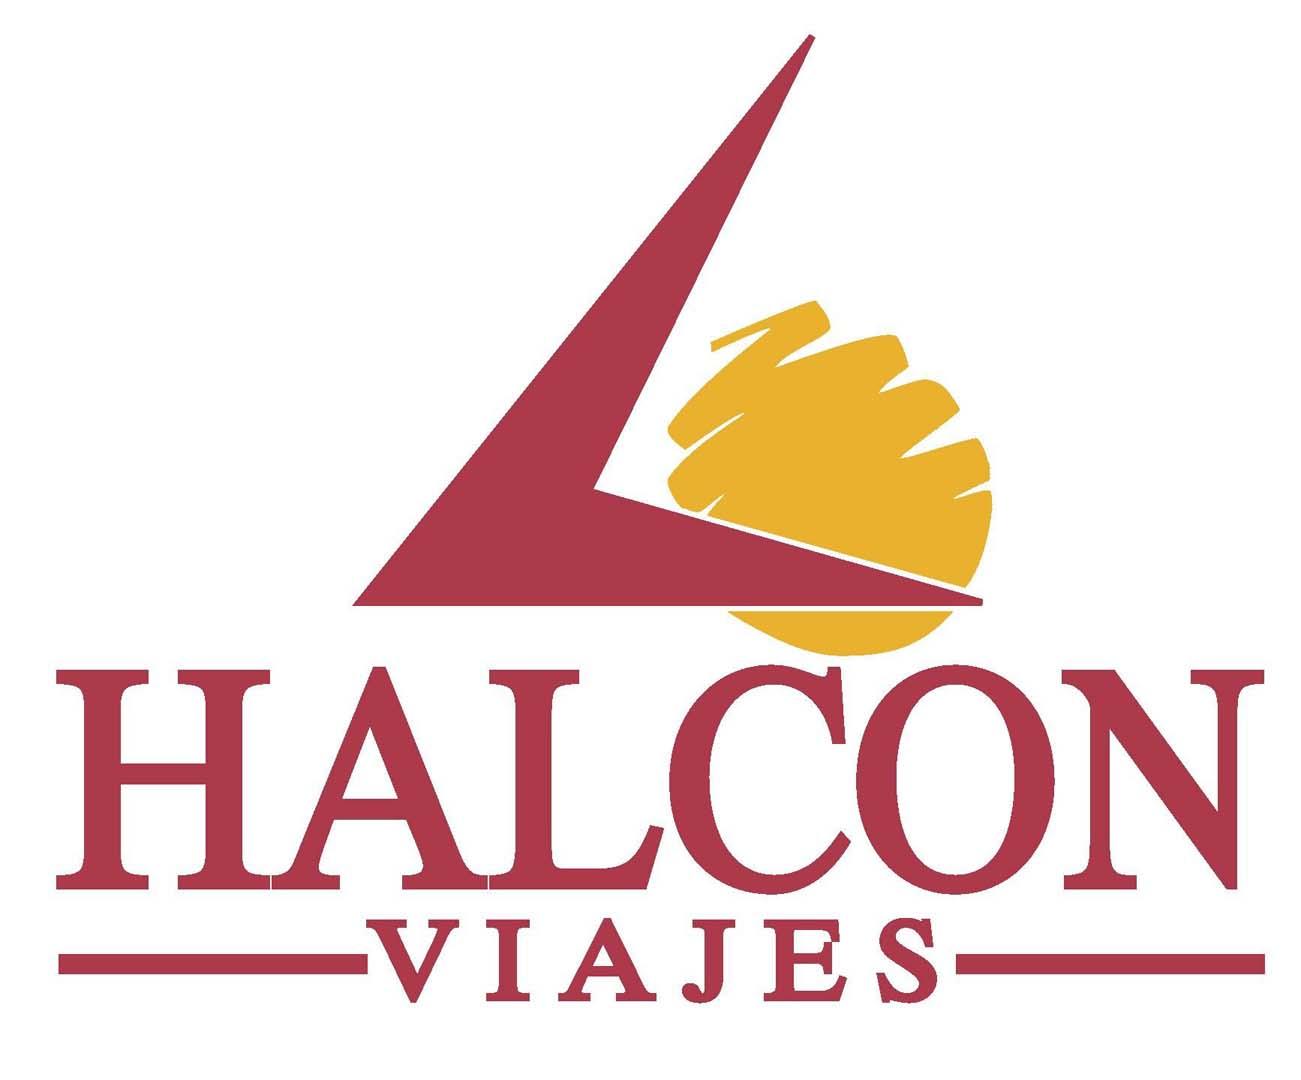 Fotografía de la empresa Halcón Viajes - Se abre en ventana nueva